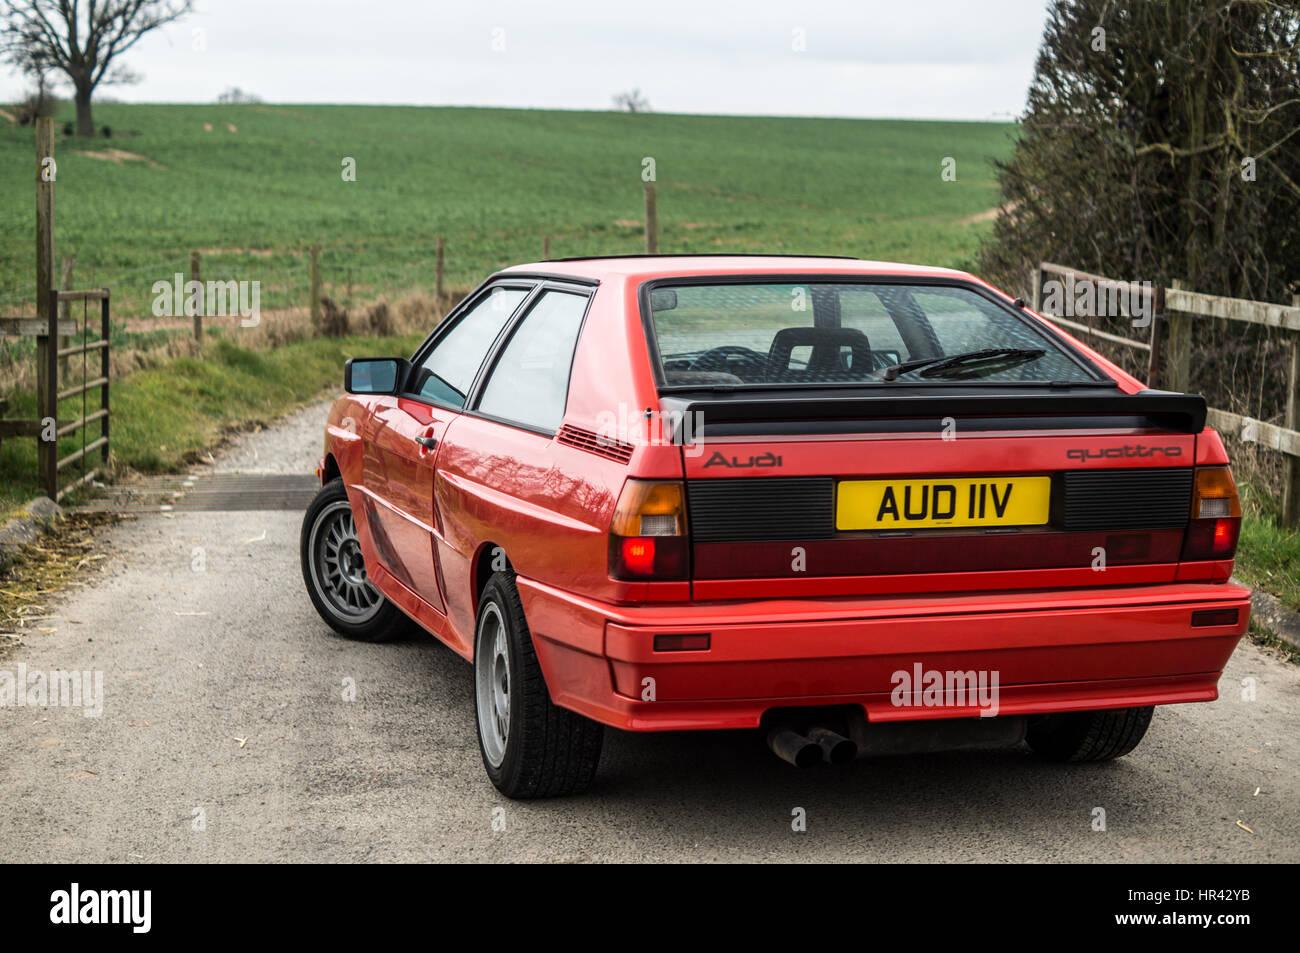 Audi UR Quattro in red. - Stock Image